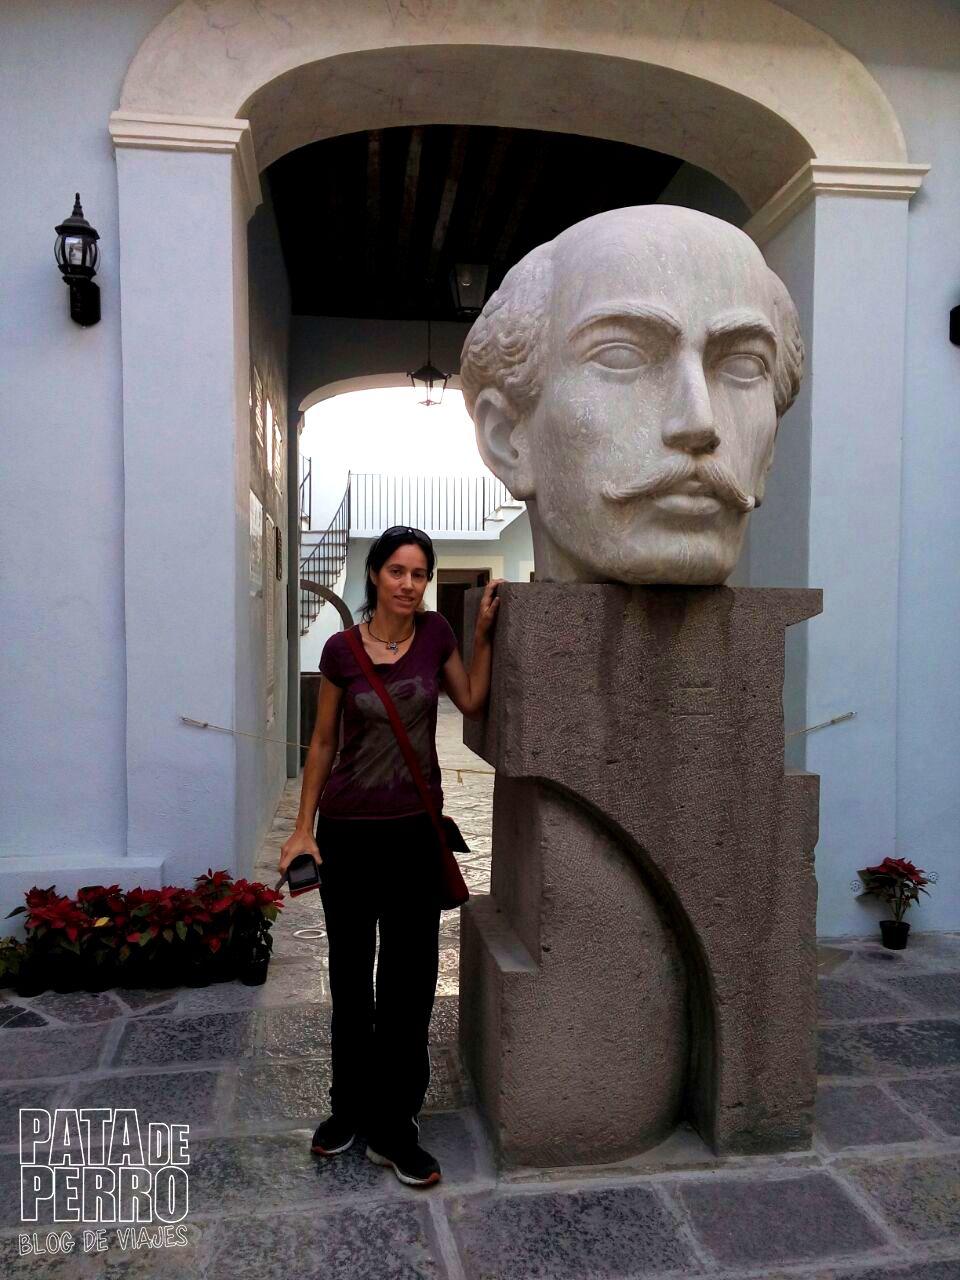 museo-regional-de-la-revolucion-mexicana-casa-de-los-hermanos-serdan-pata-de-perro-blog-de-viajes33